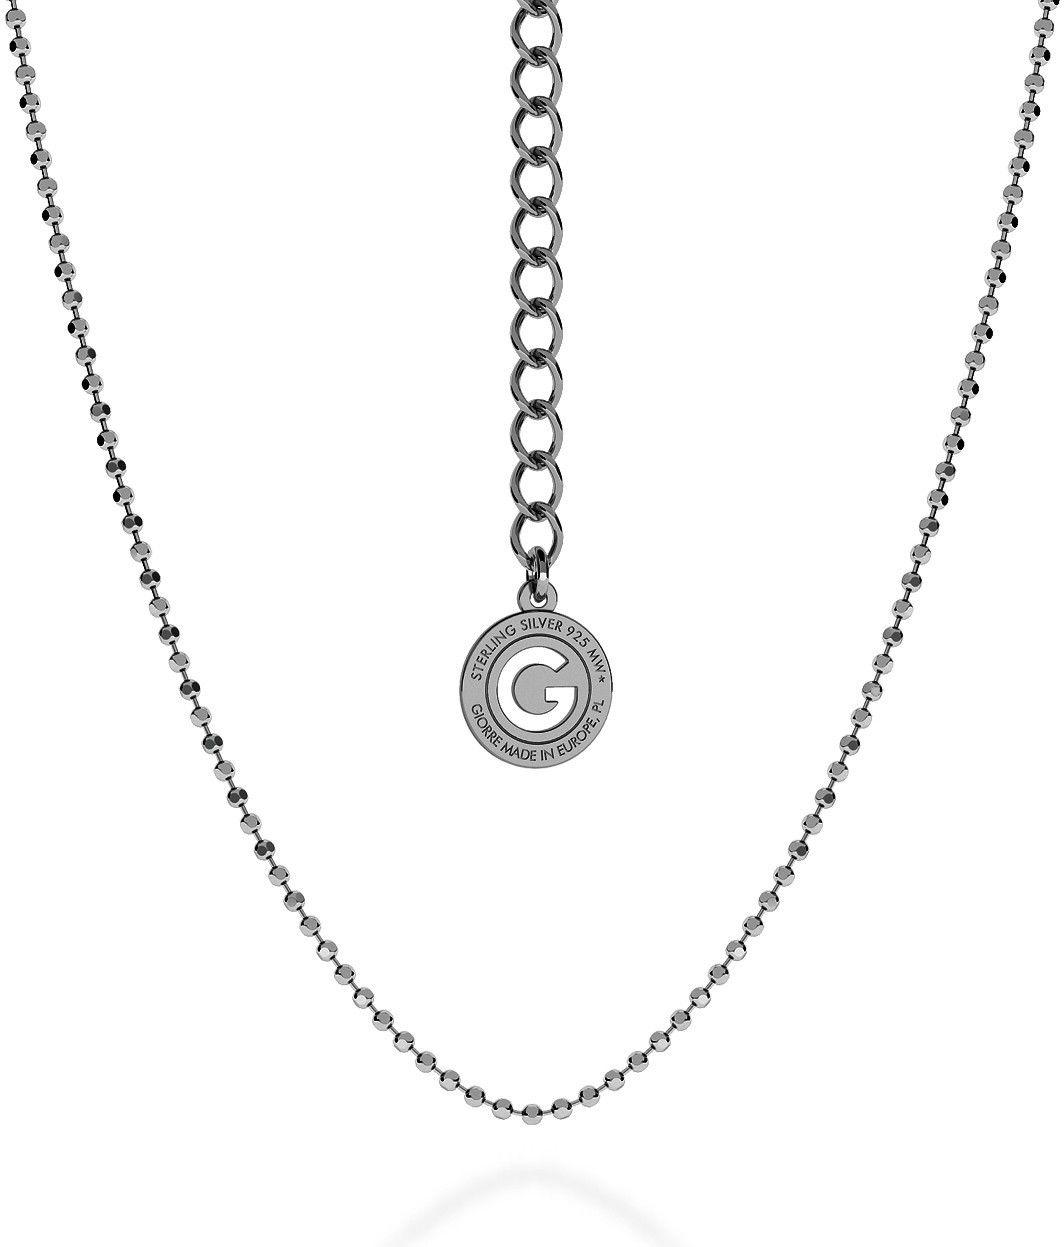 Srebrny łańcuszek pancerka diamentowana, srebro 925 : Długość (cm) - 60, Srebro - kolor pokrycia - Pokrycie żółtym 18K złotem